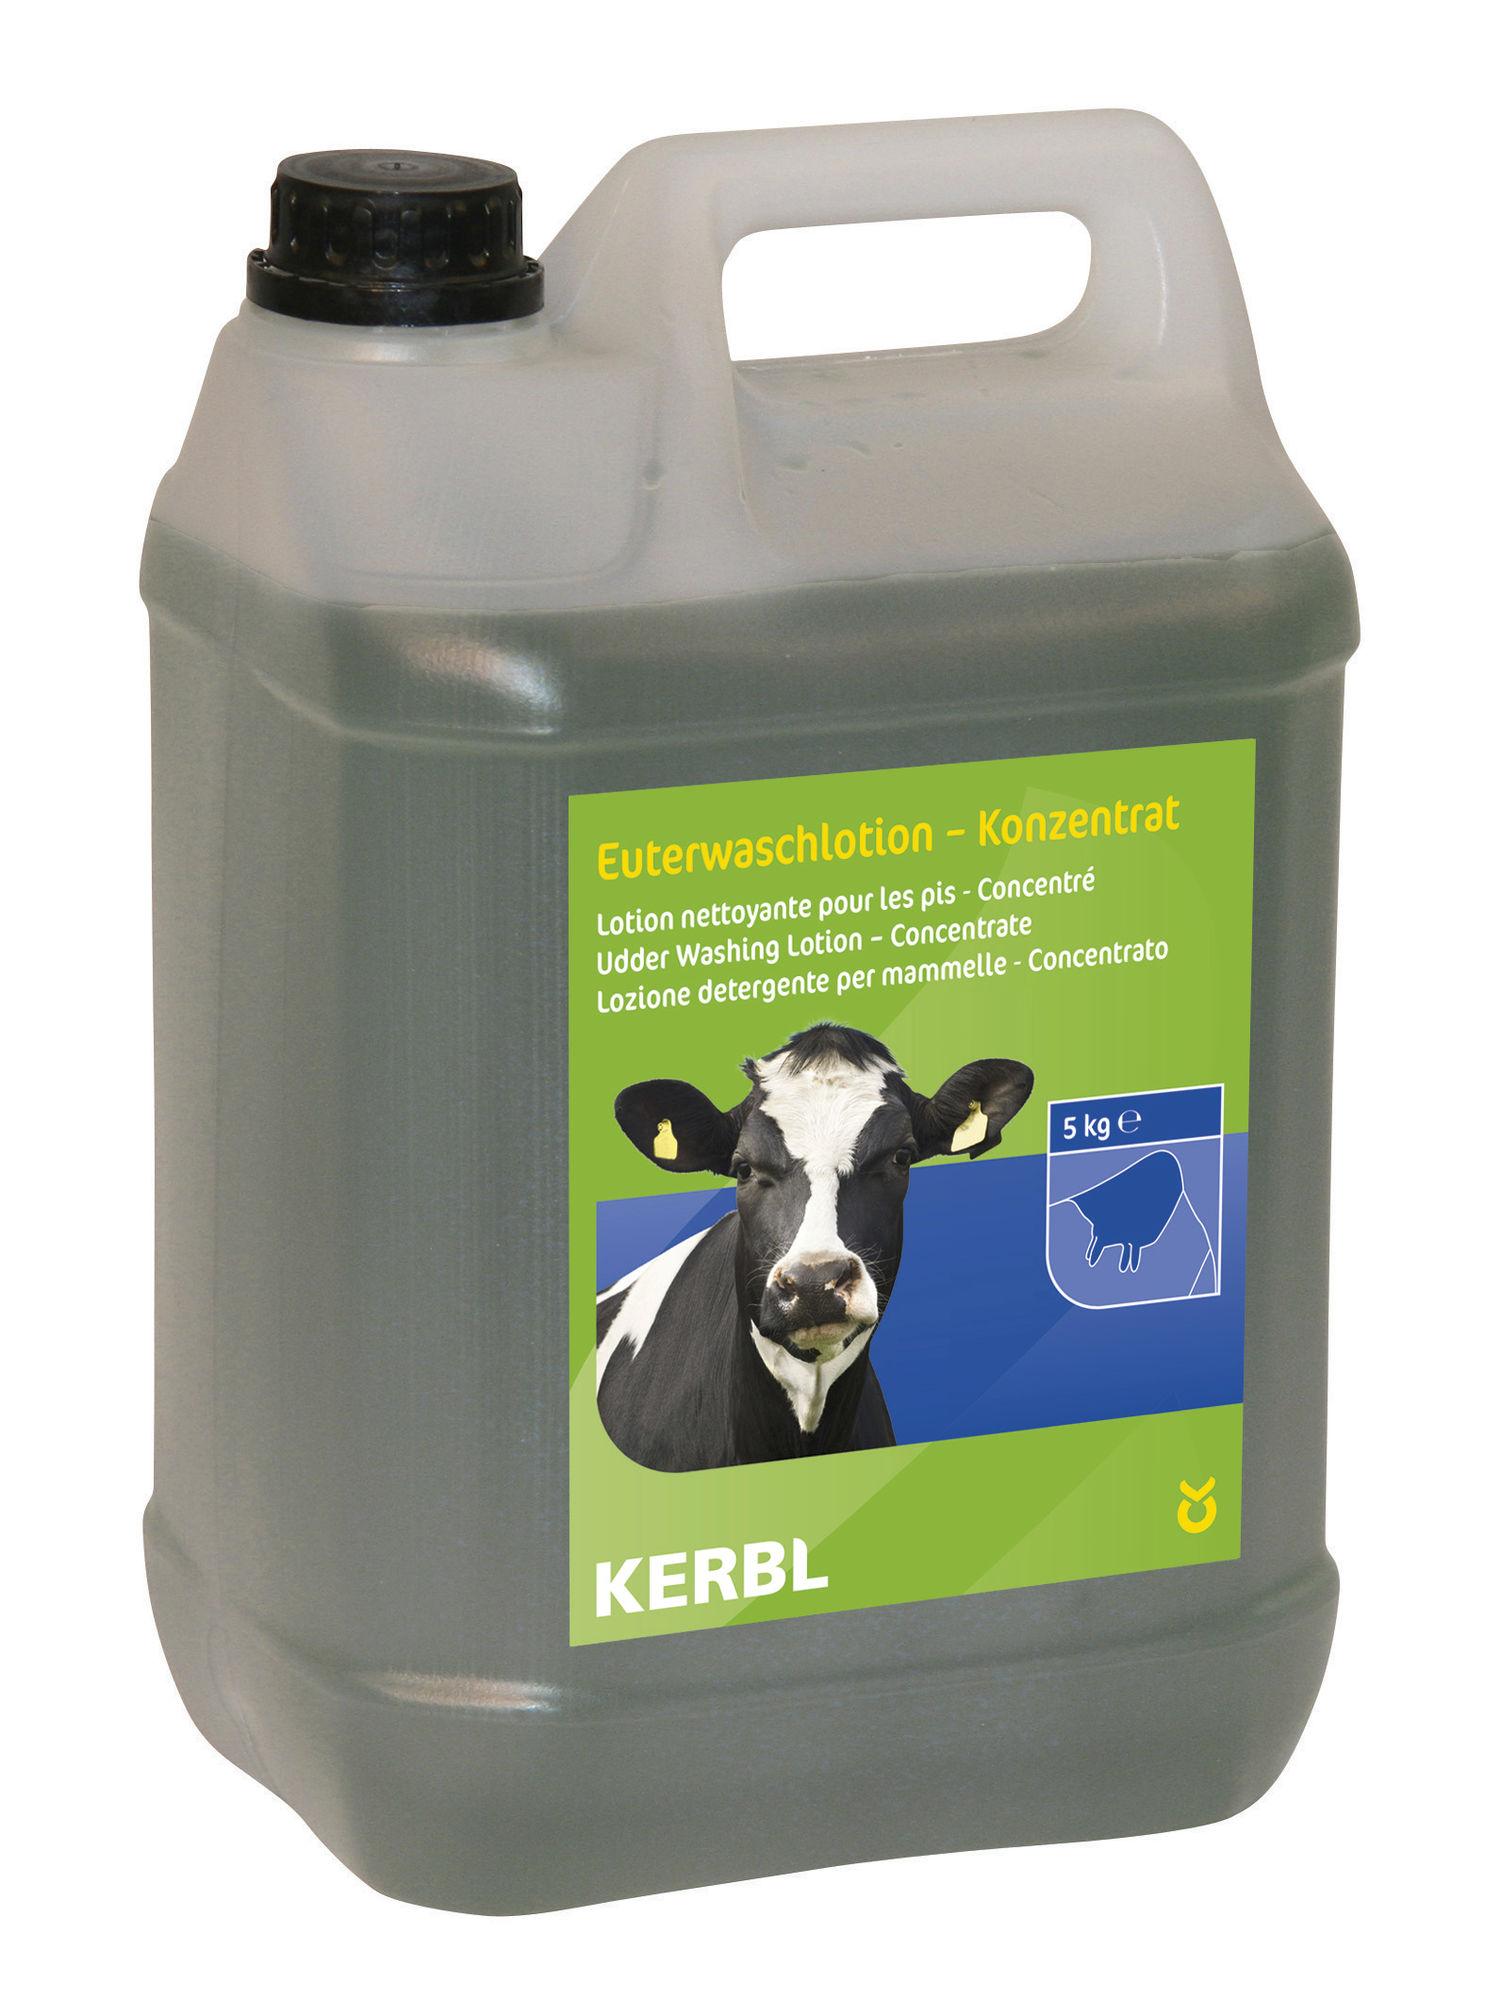 Euter-Waschlotion, 5 kg Kanister